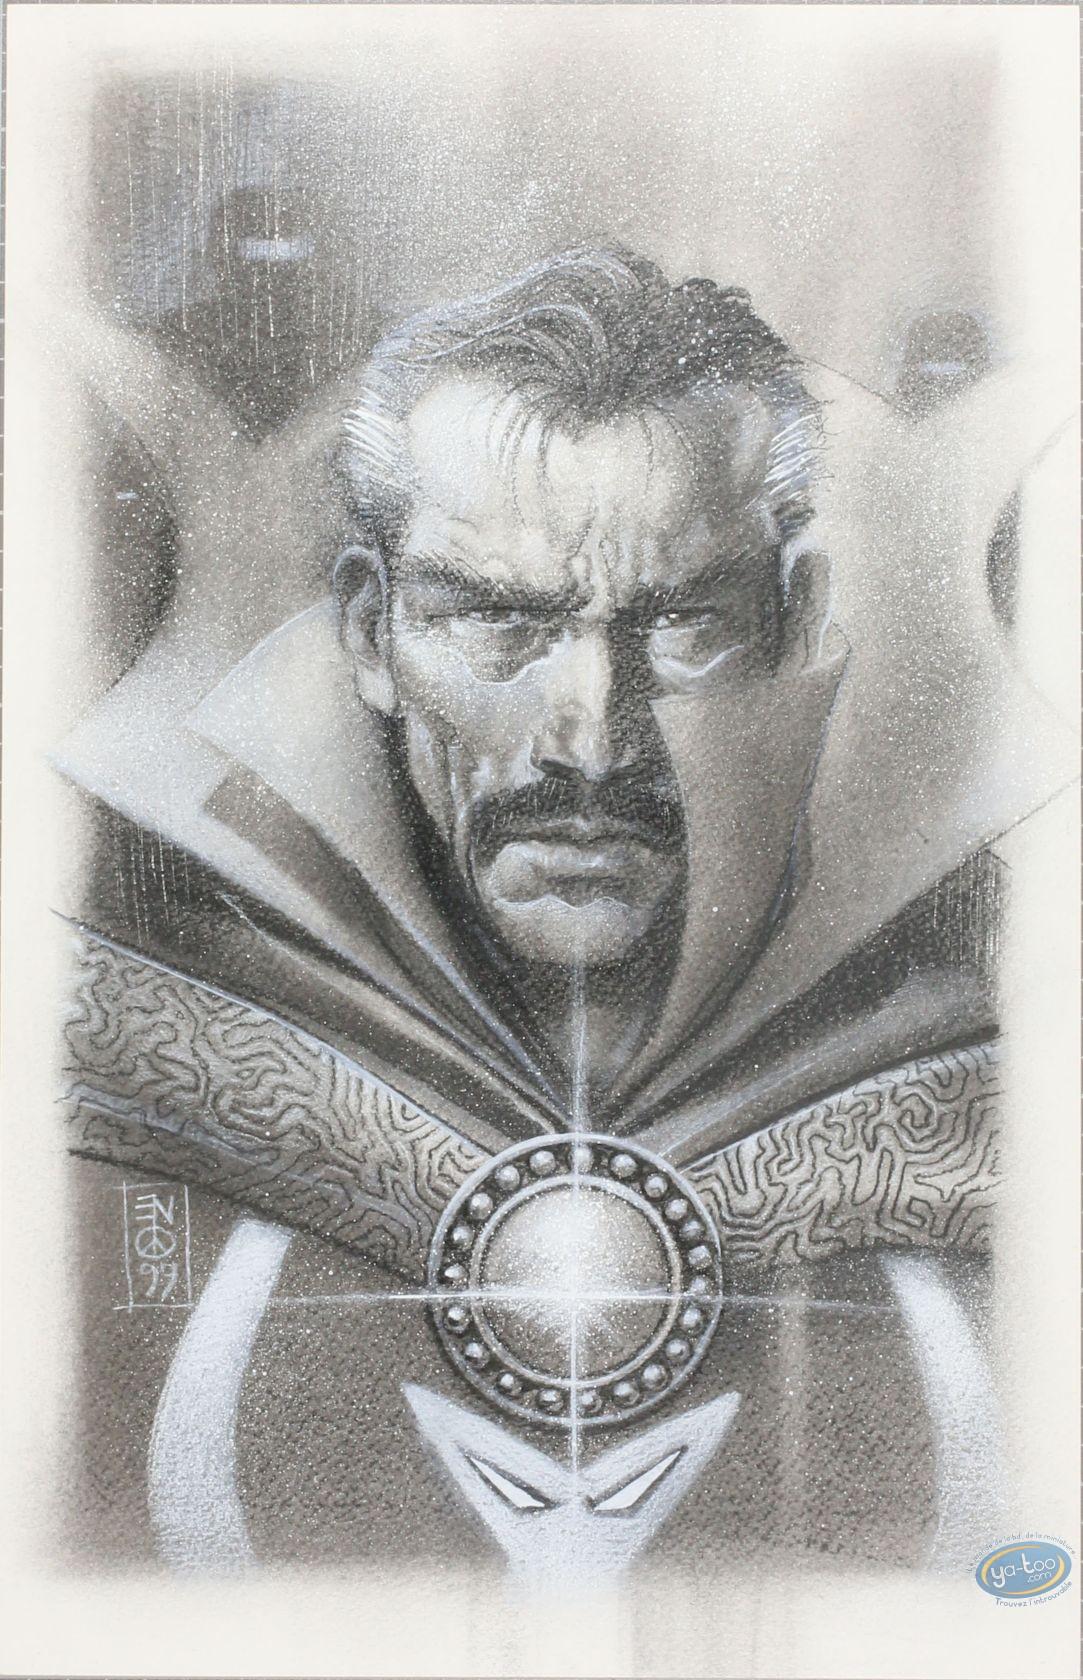 Originaux, X-Men : Eddy Newell - Docteur Strange (dessin original)